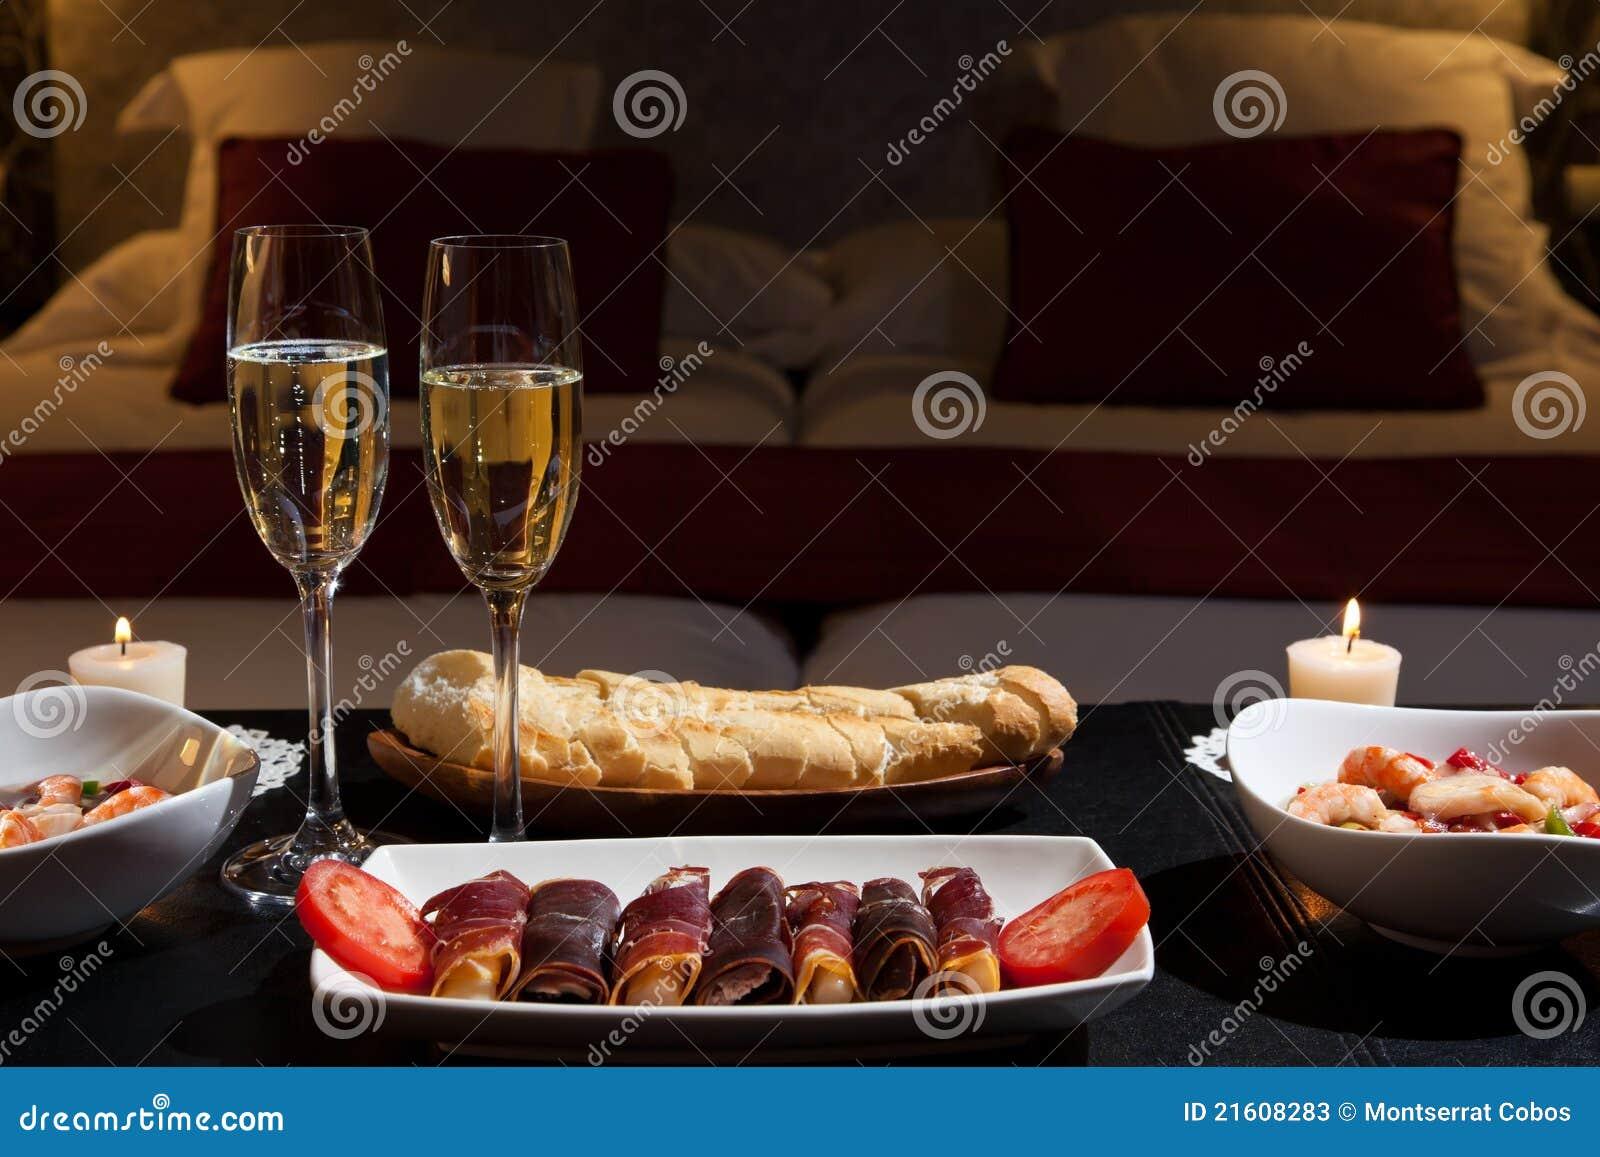 Cena rom ntica en un hotel lujoso imagen de archivo imagen de serrano velas 21608283 - Cena romantica con velas ...